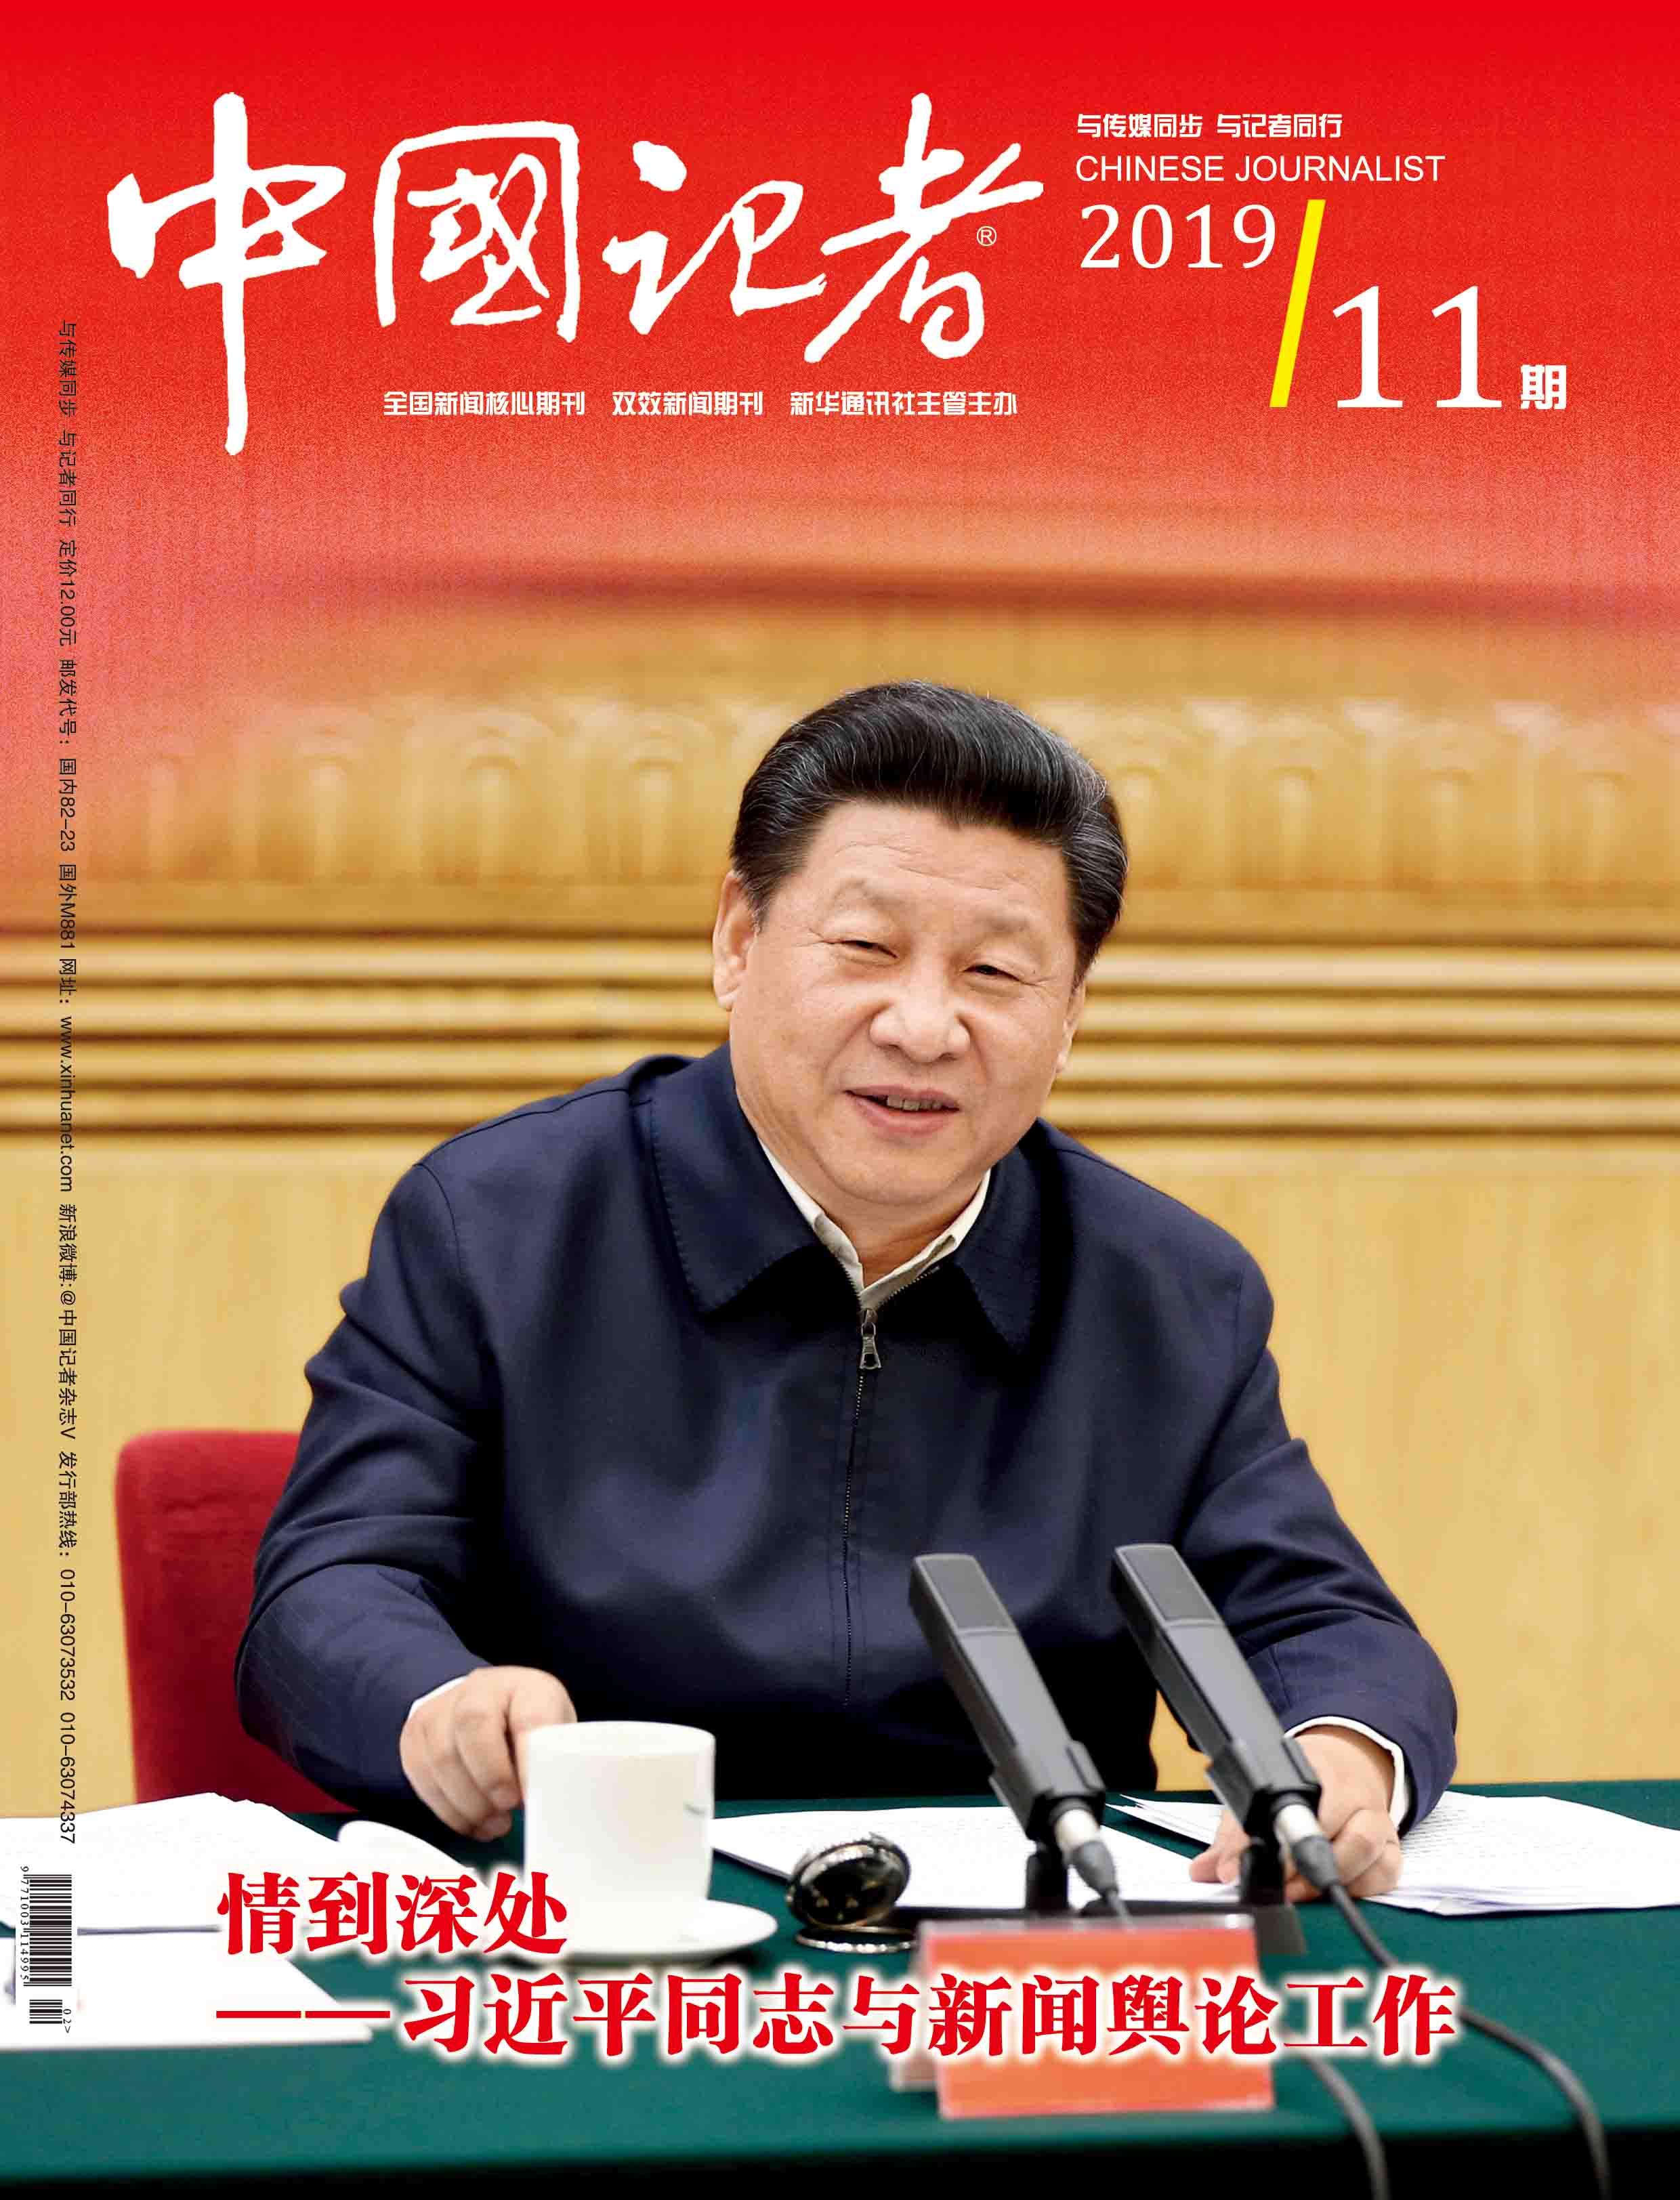 中國記者2019年第11期封面